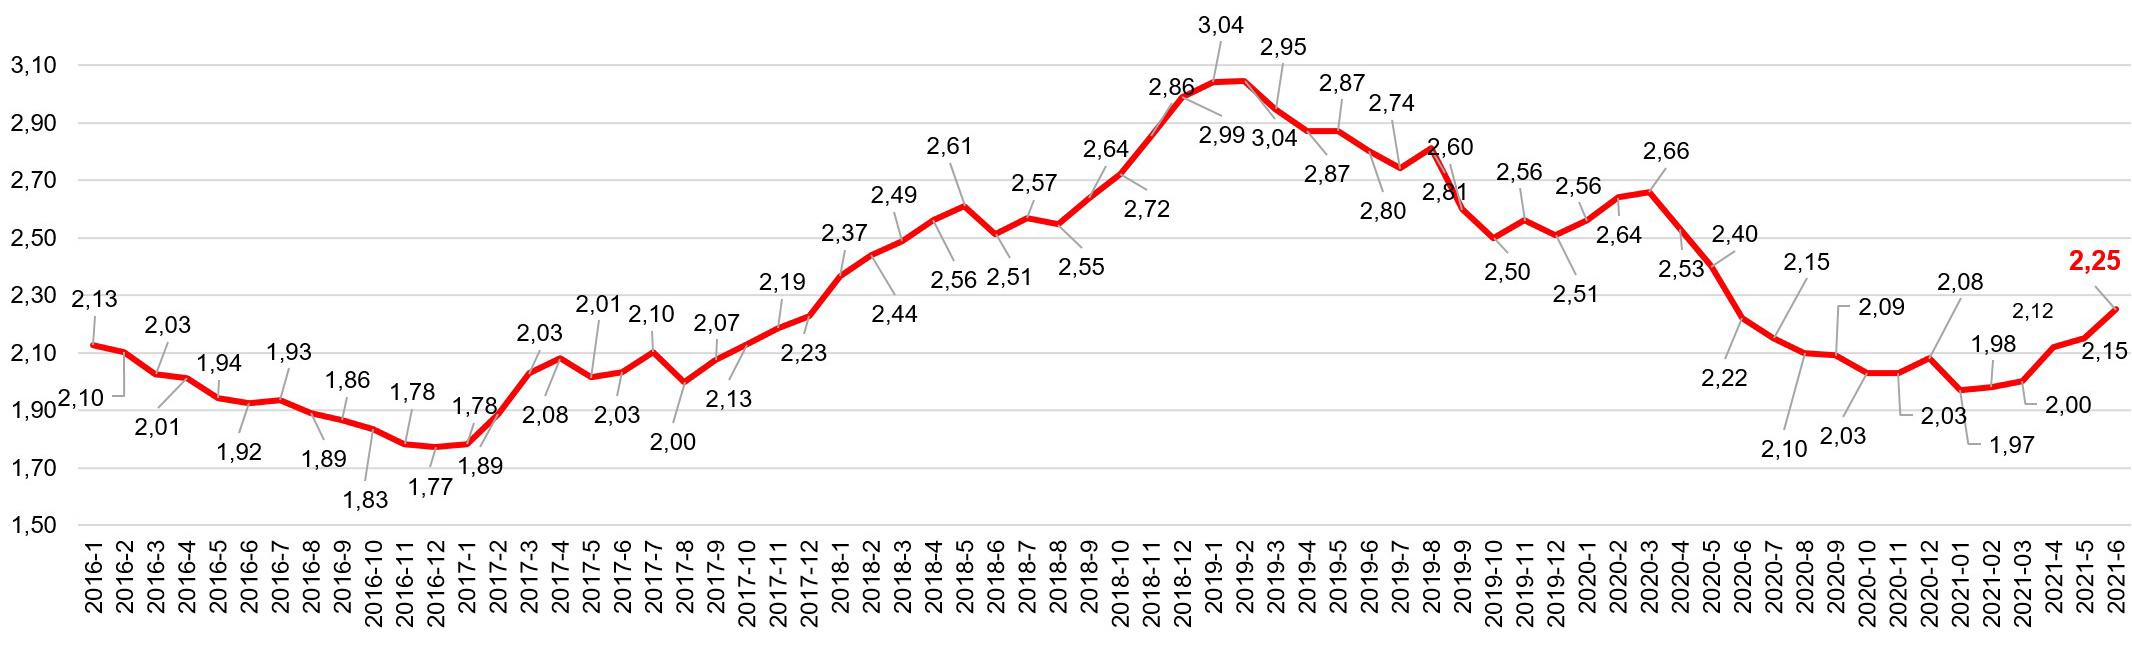 Broker Consulting Index hypotečních úvěrů - ČERVEN 2021